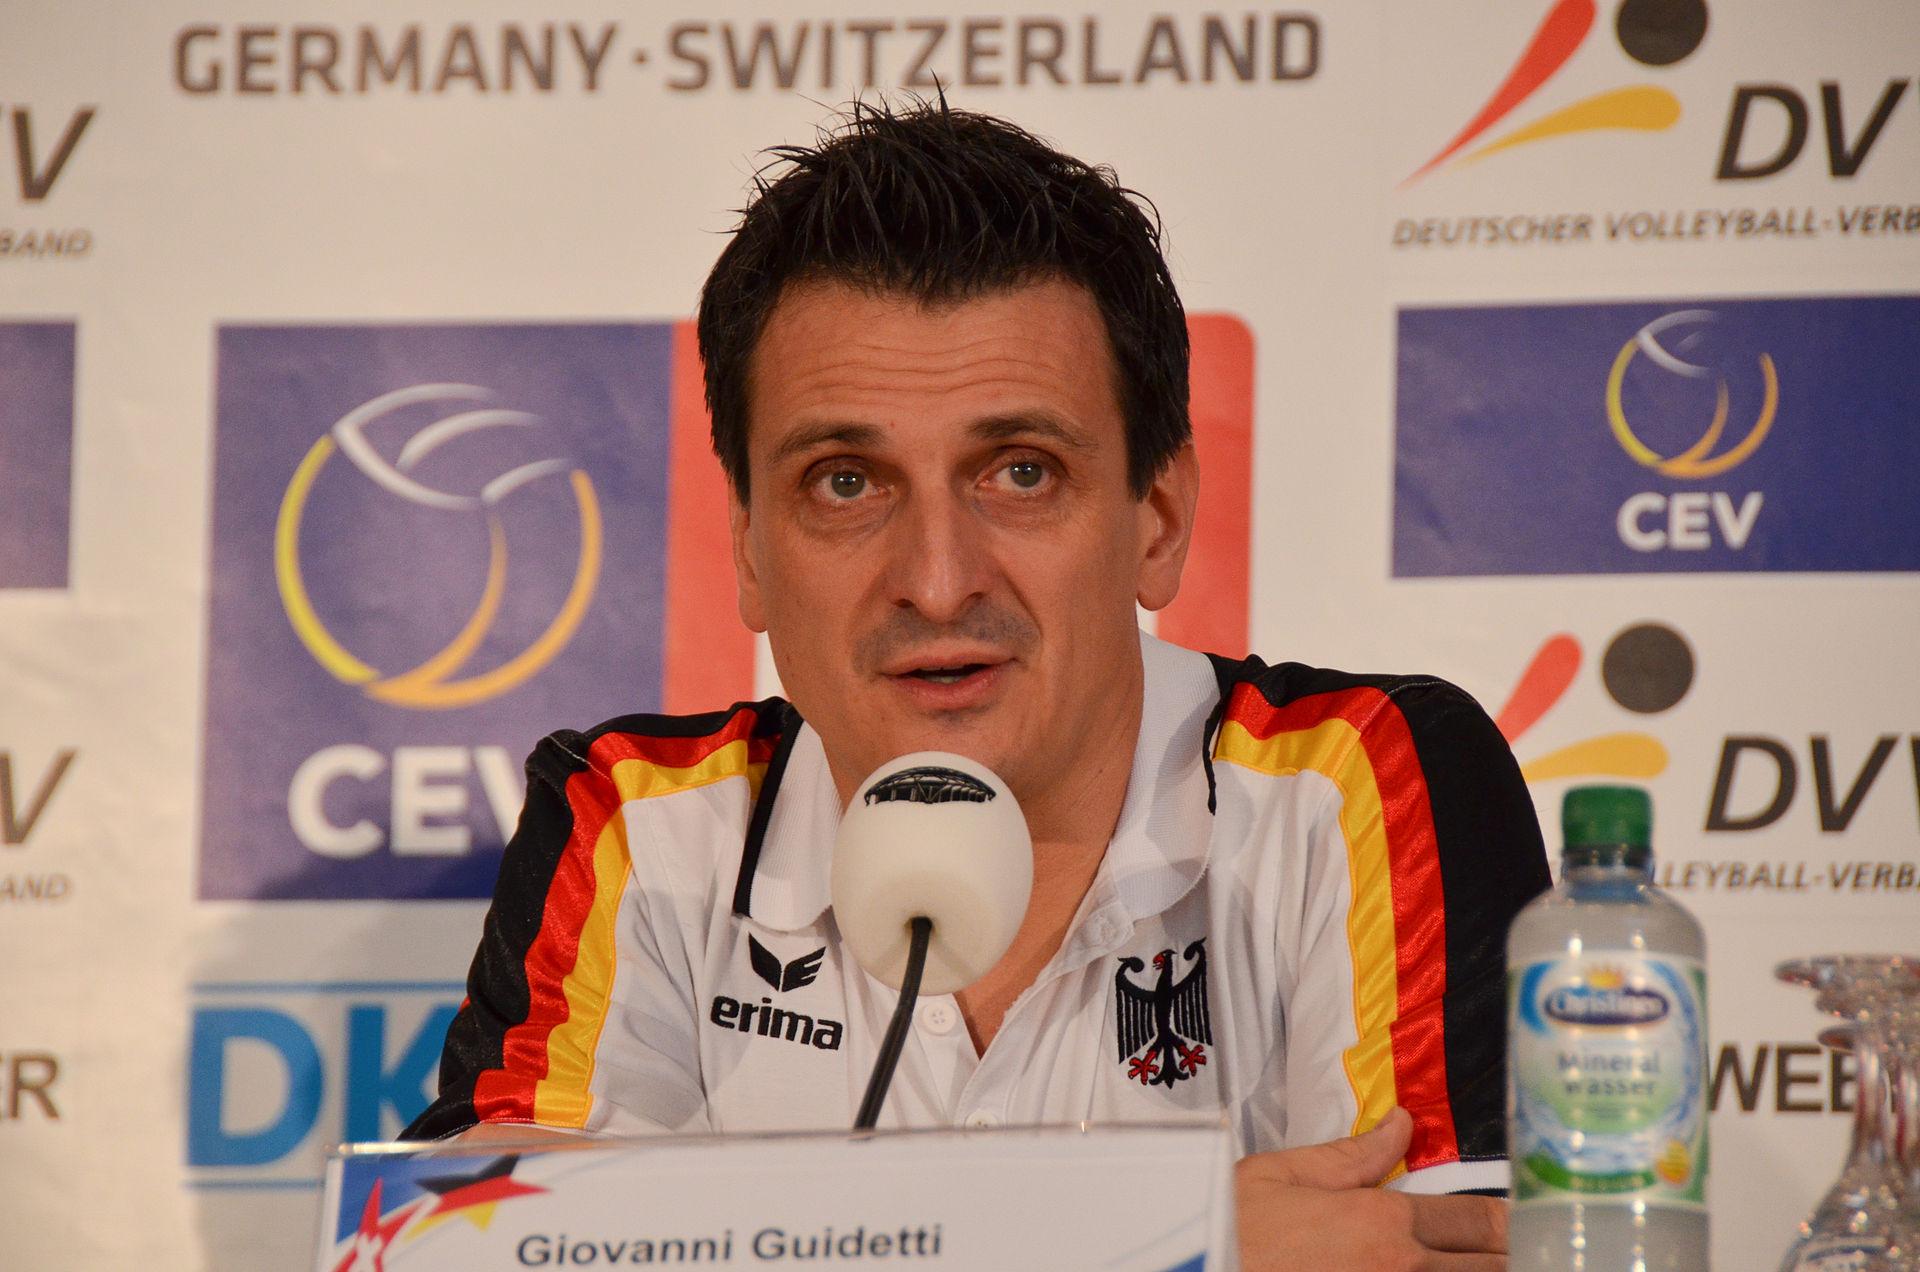 Giovanni Guidetti - Wikipedia